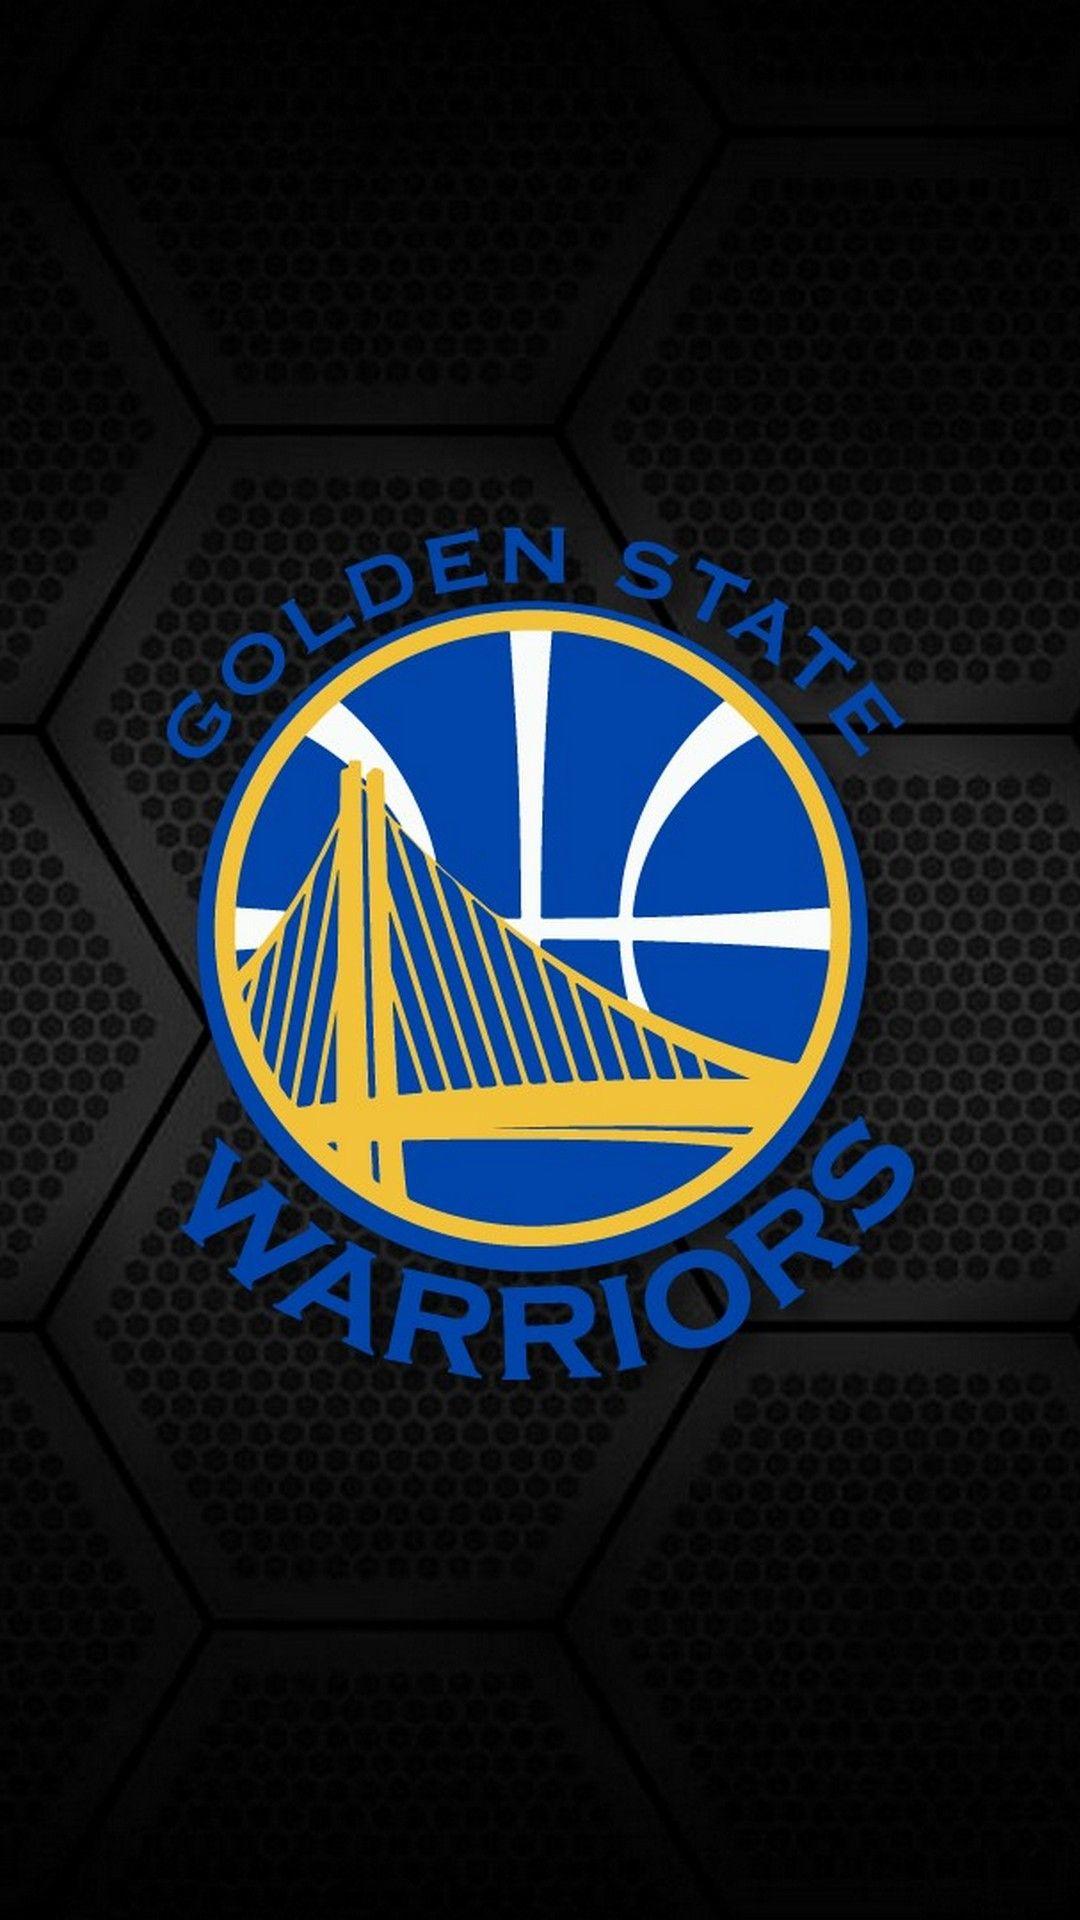 Golden State Warriors Iphone 6 Wallpaper Golden State Warriors Basketball Wallpaper Basketball Wallpapers Hd